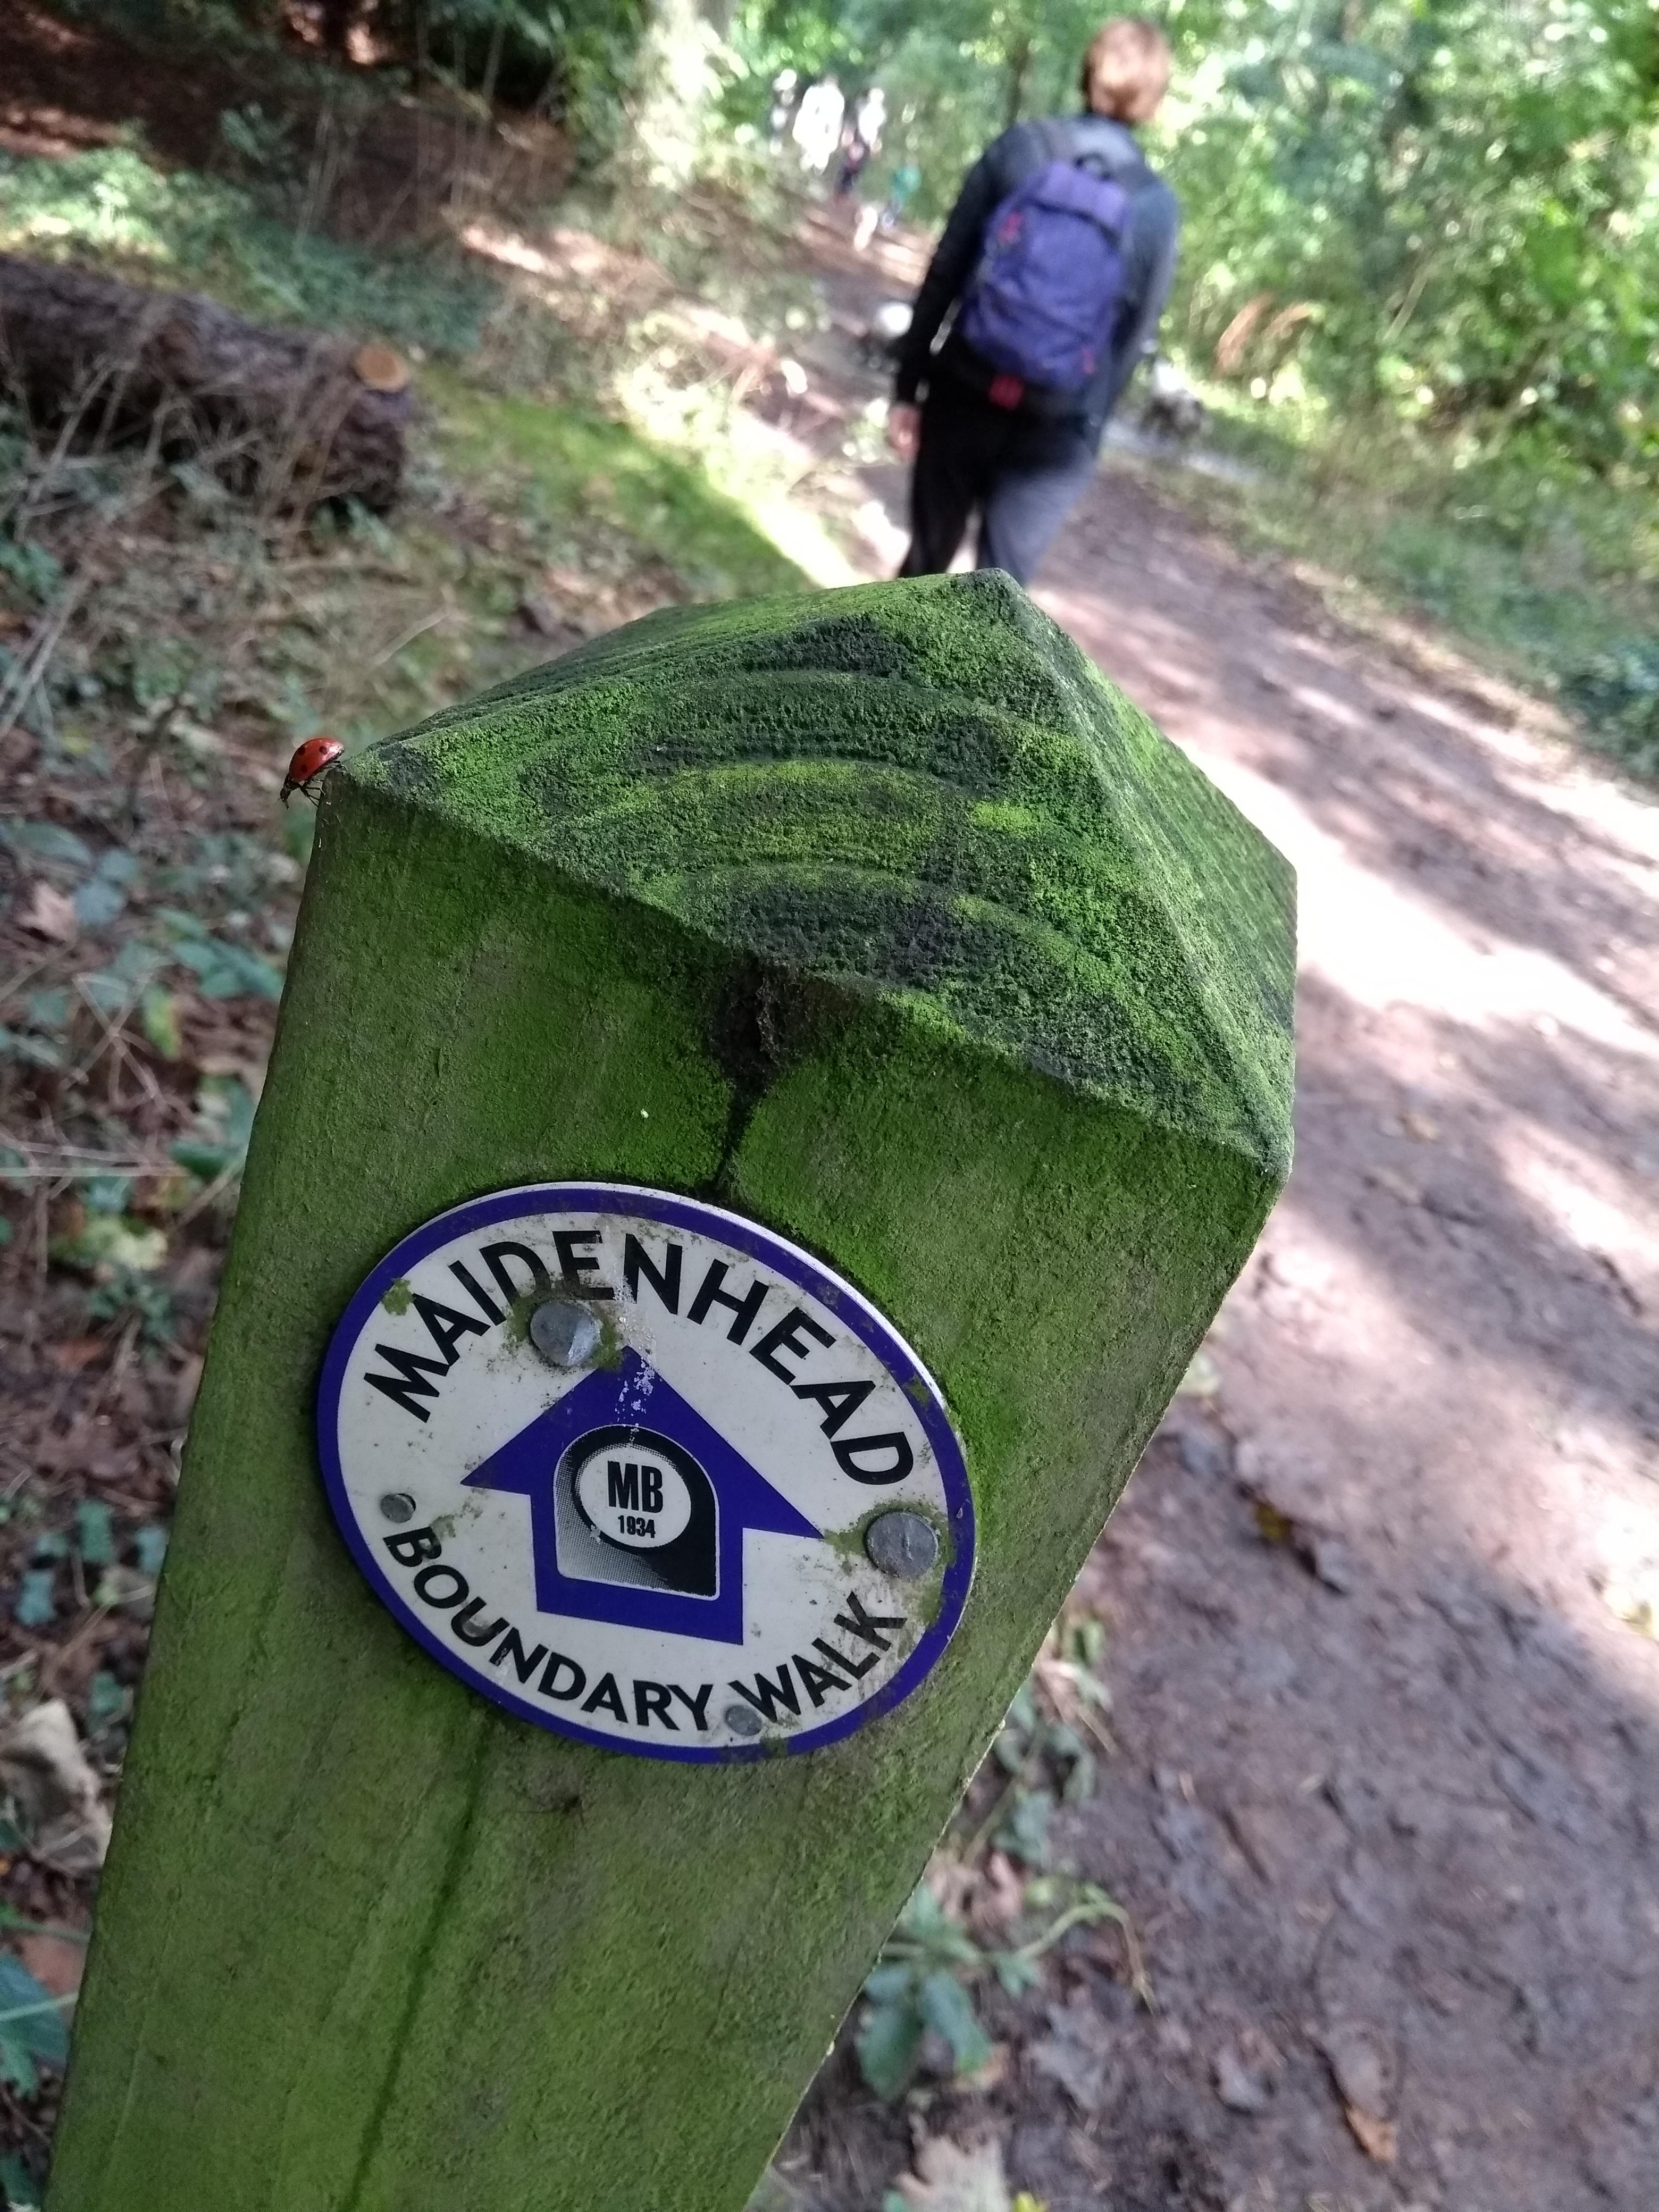 Maidenhead Boundary Walk